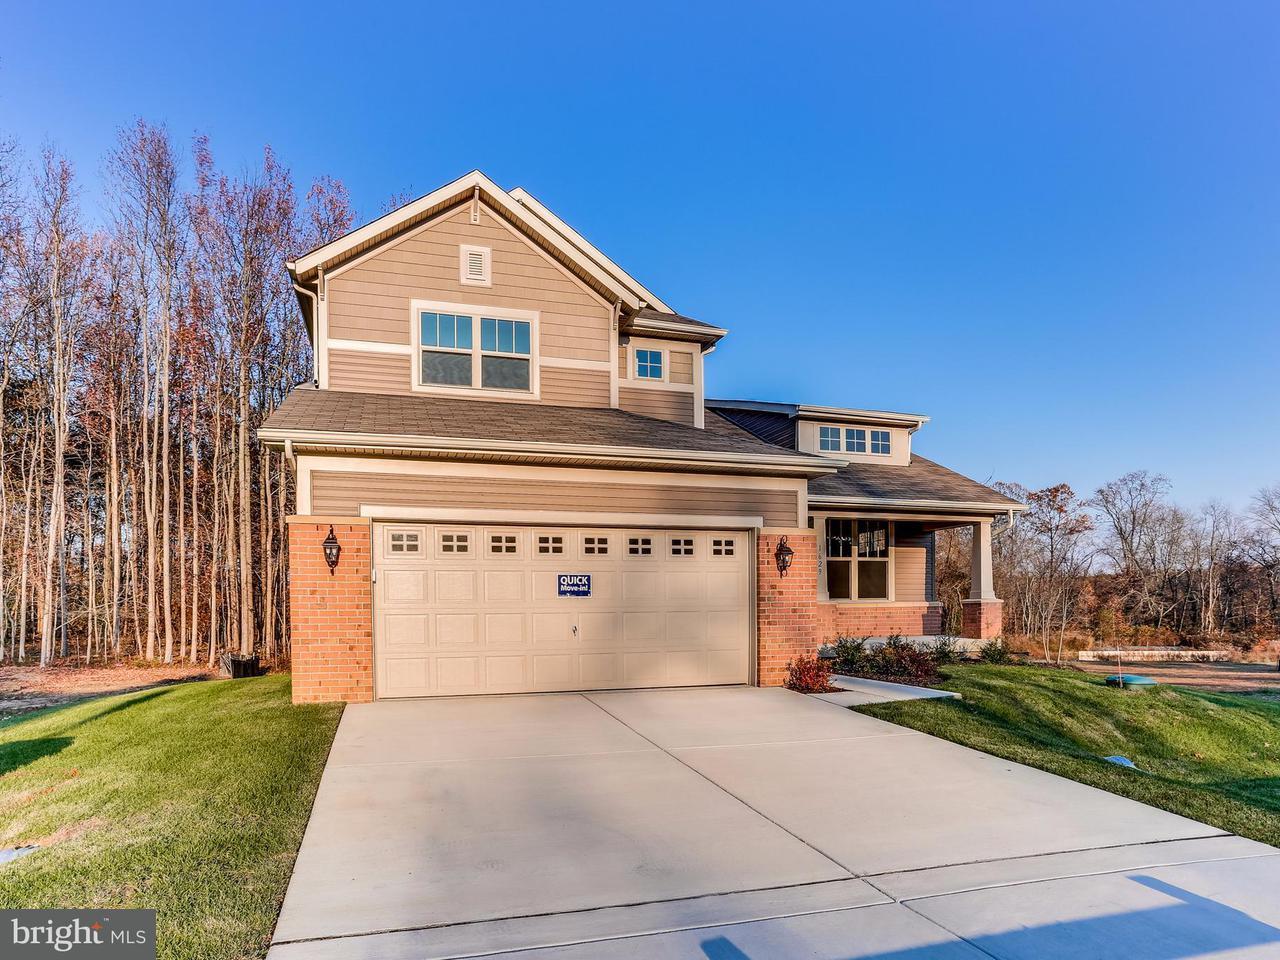 Single Family Home for Sale at 1629 Hekla Lane 1629 Hekla Lane Harmans, Maryland 21077 United States